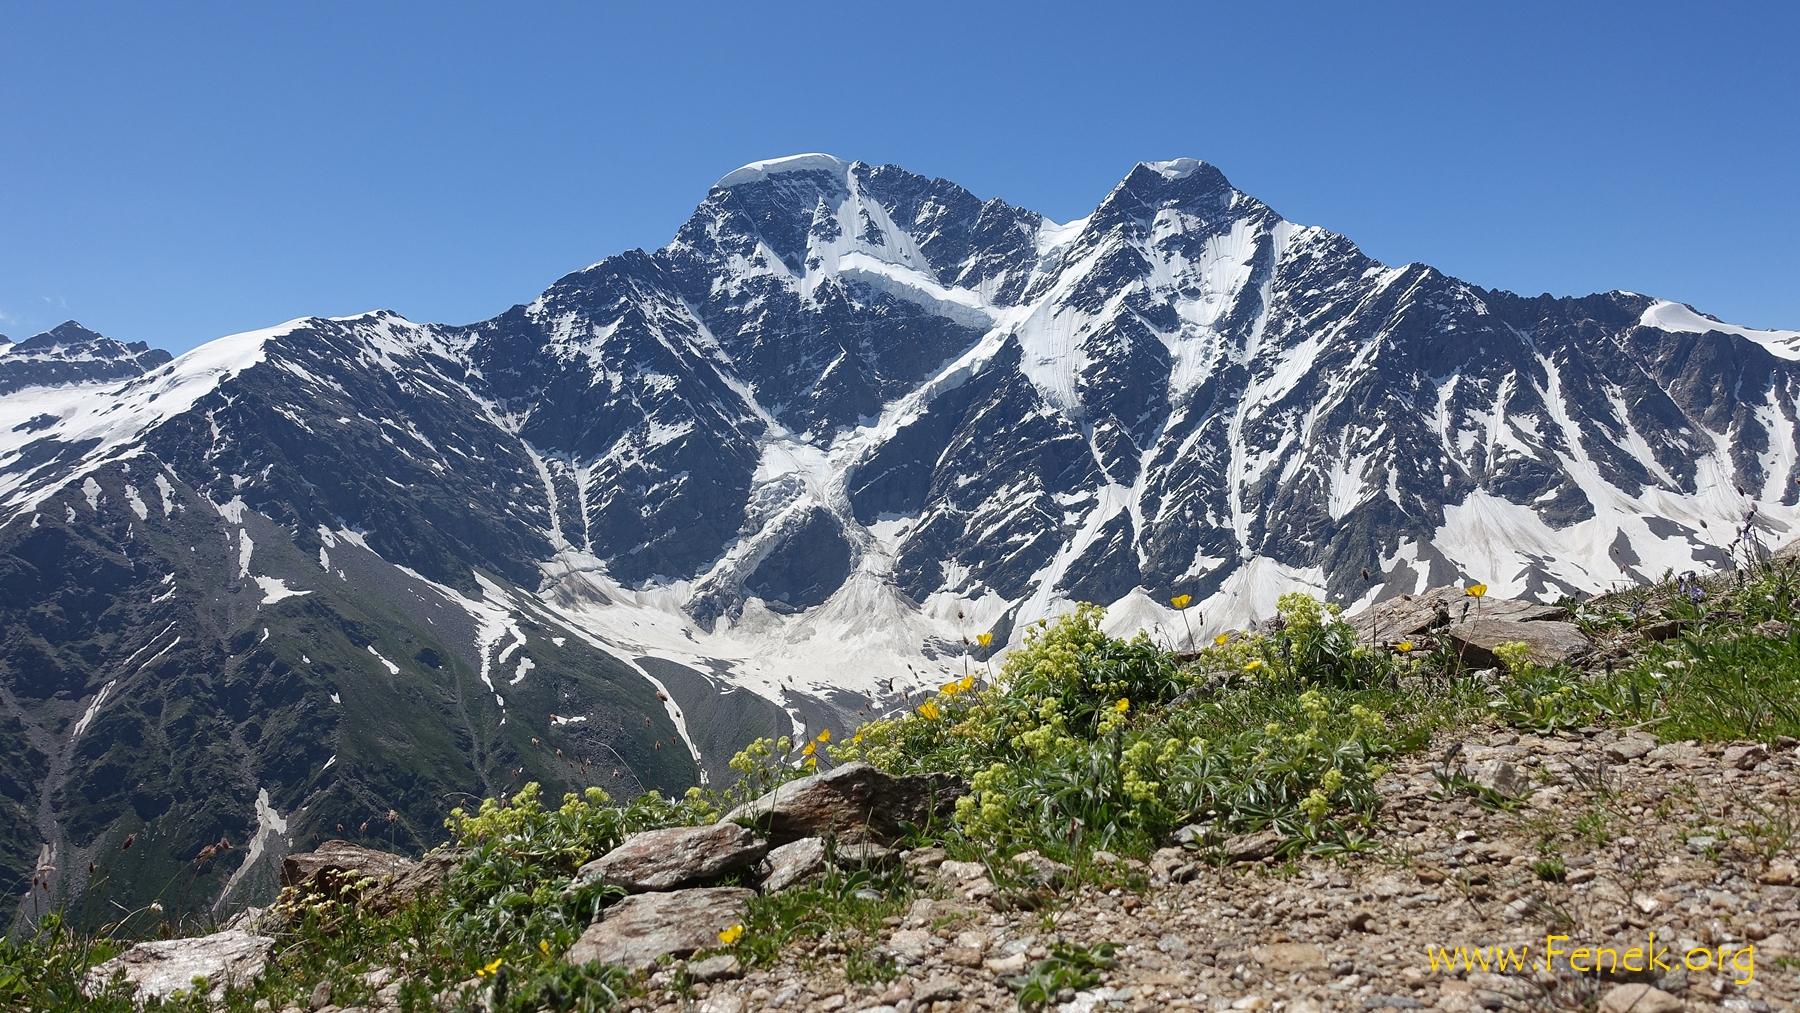 zwei Viertausender über dem Tal. Links Donguzorun, 4'454m, rechts Nakratau, 4'269m